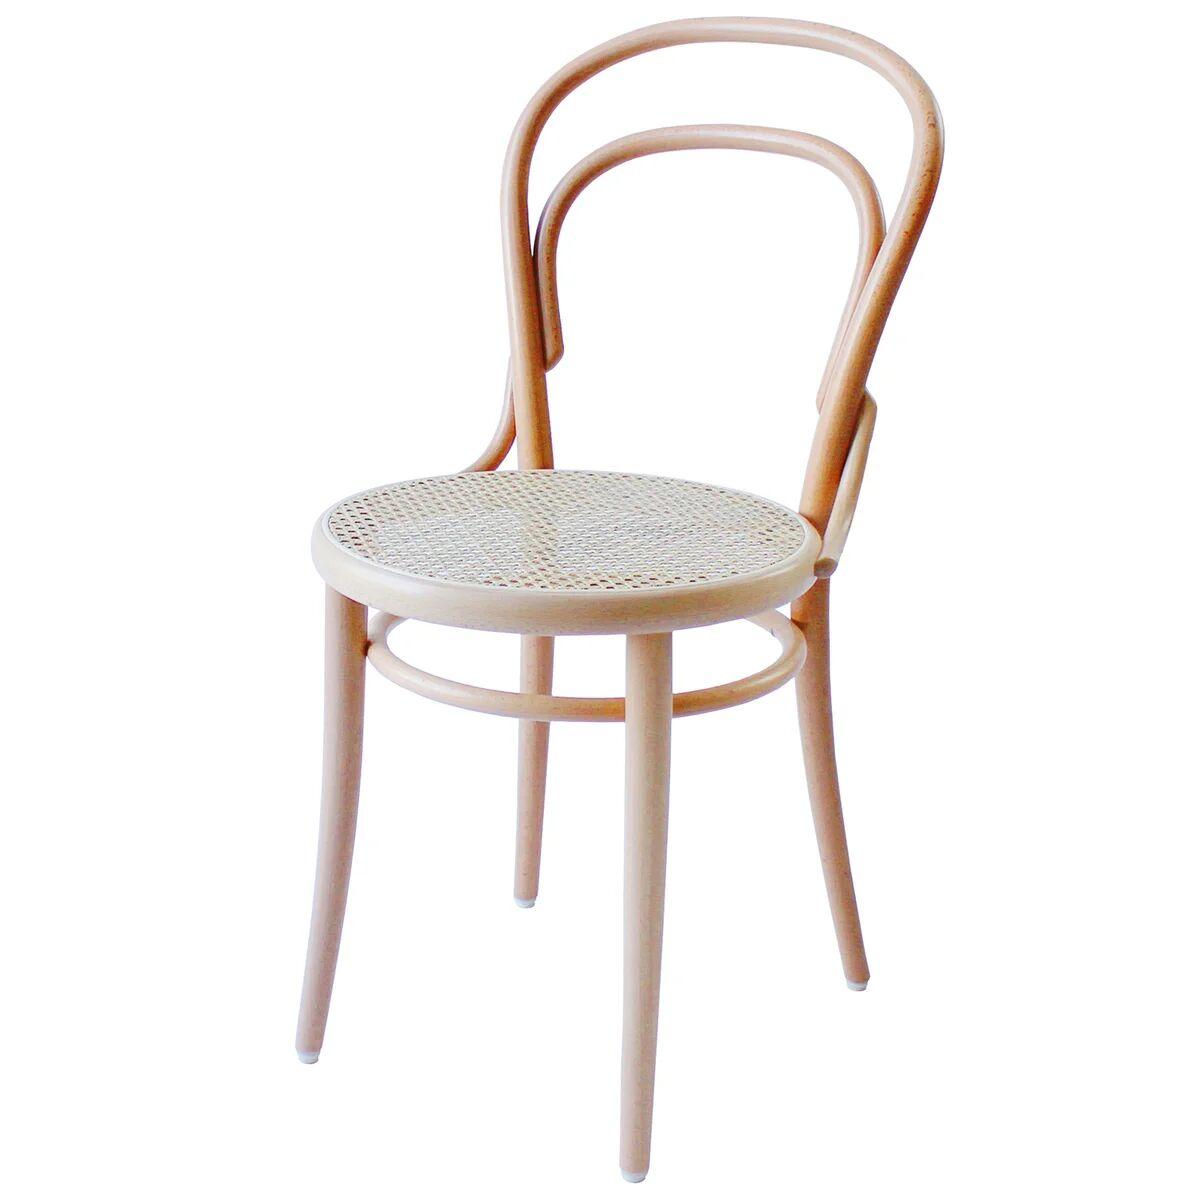 TON Chair 14 tuoli, rottinki - py�kki